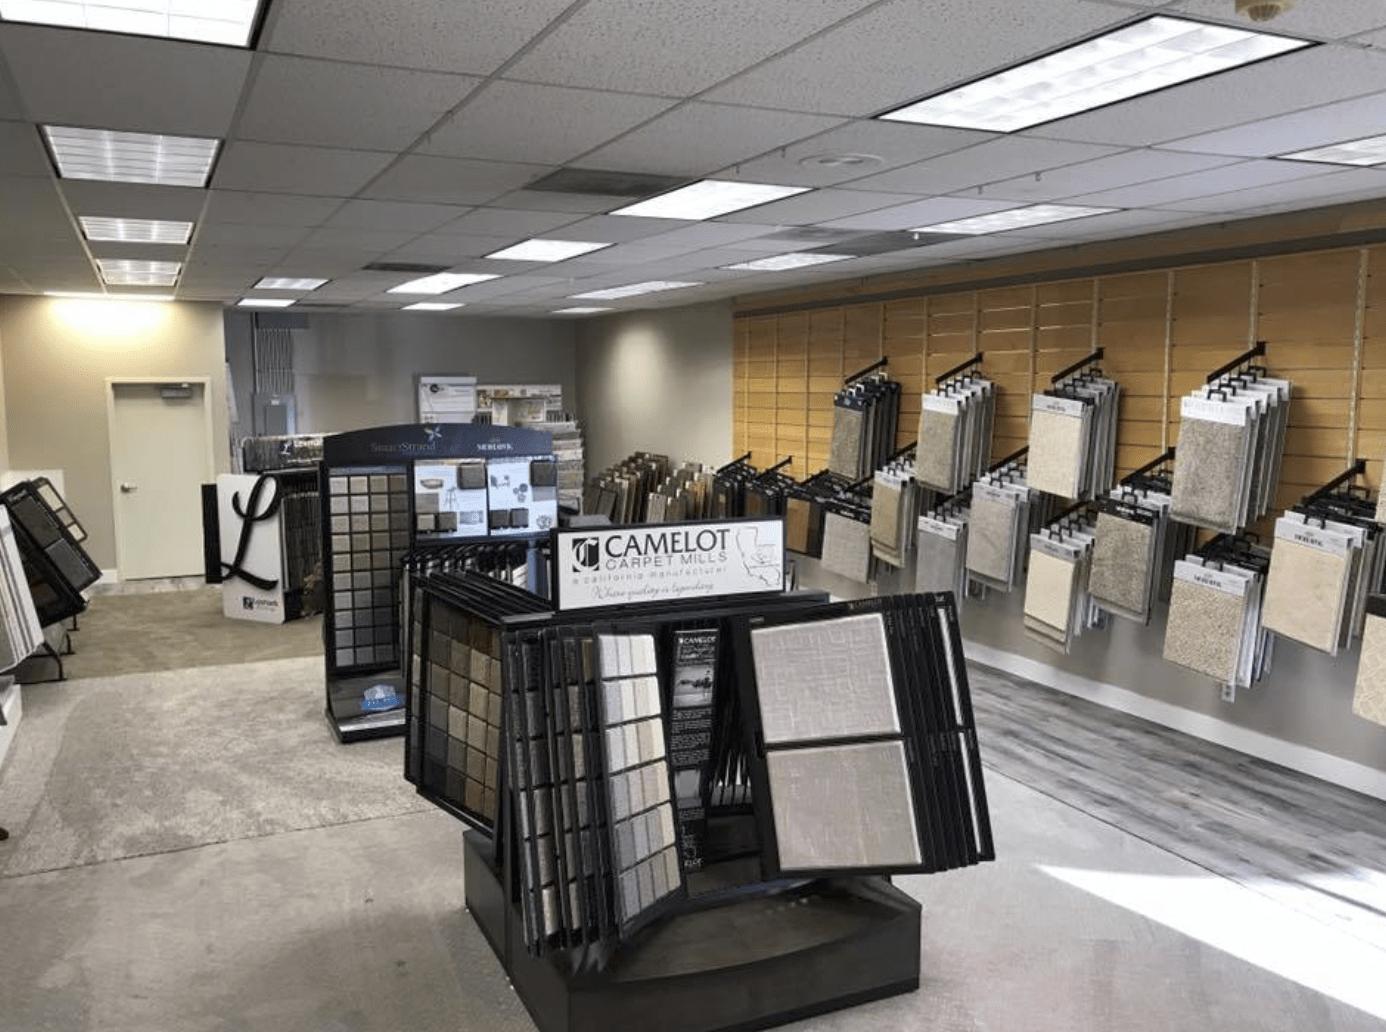 Americarpets showroom in Layton, UT